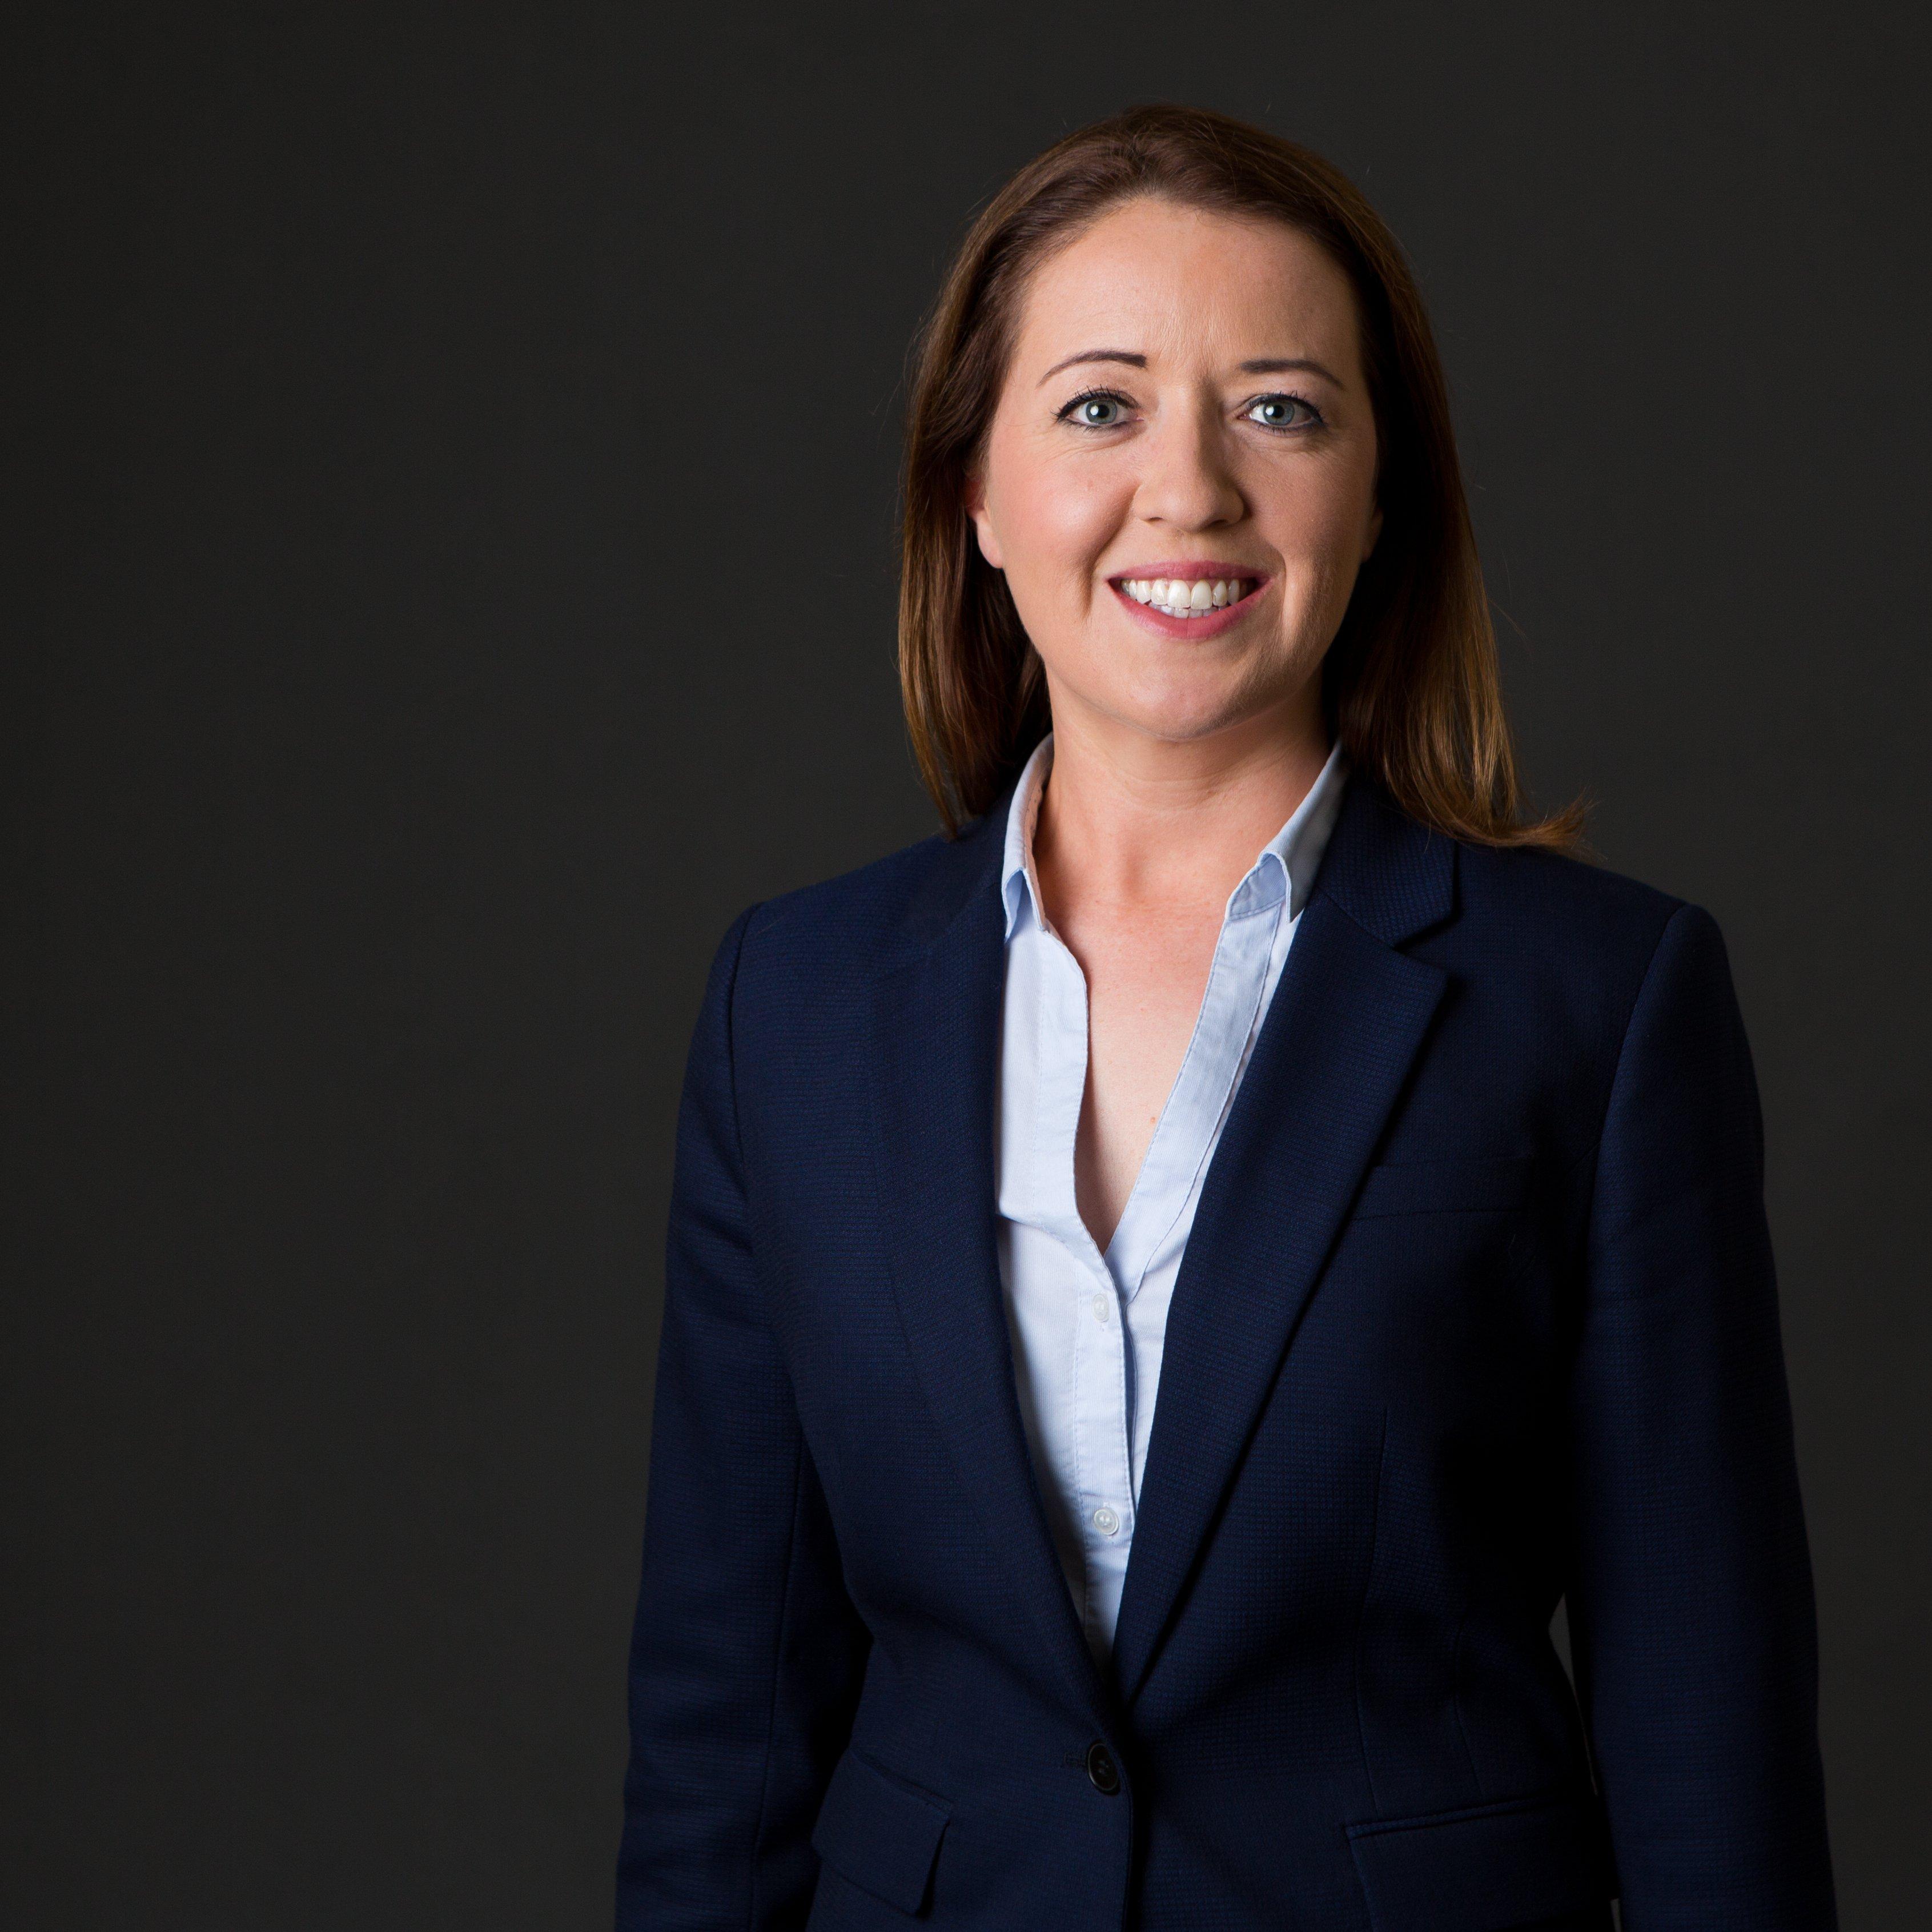 Máire Ní Mhaoldhomhnaigh